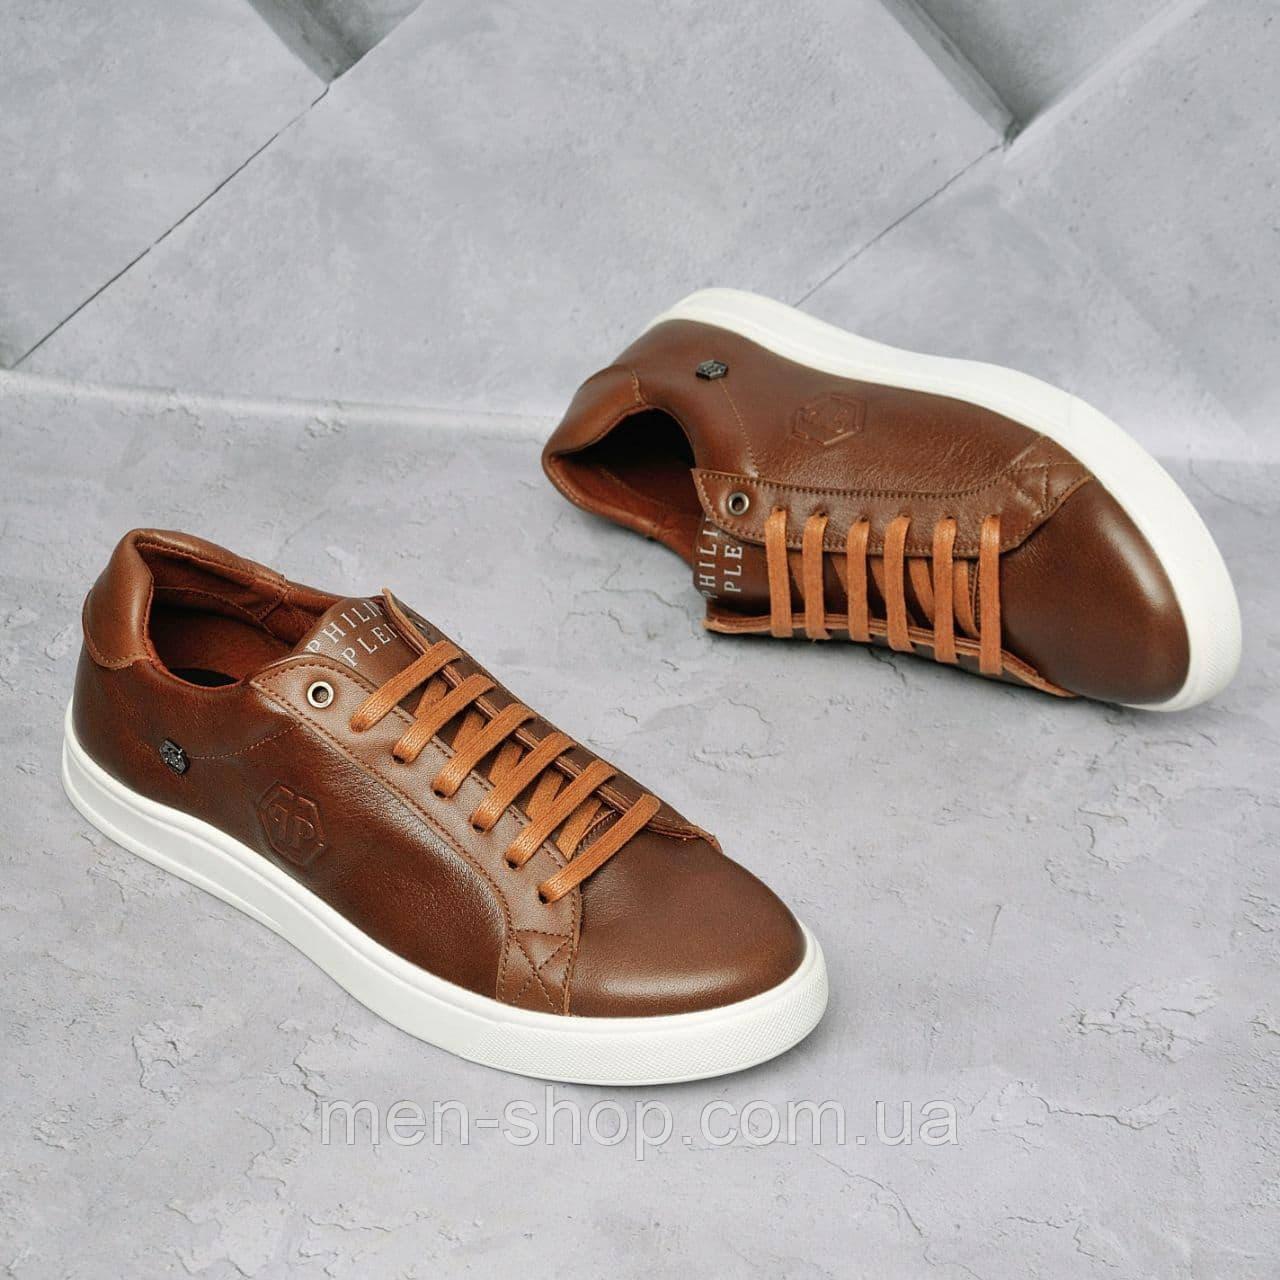 Мужские кожаные кроссовки Philipp Plein Рыжие